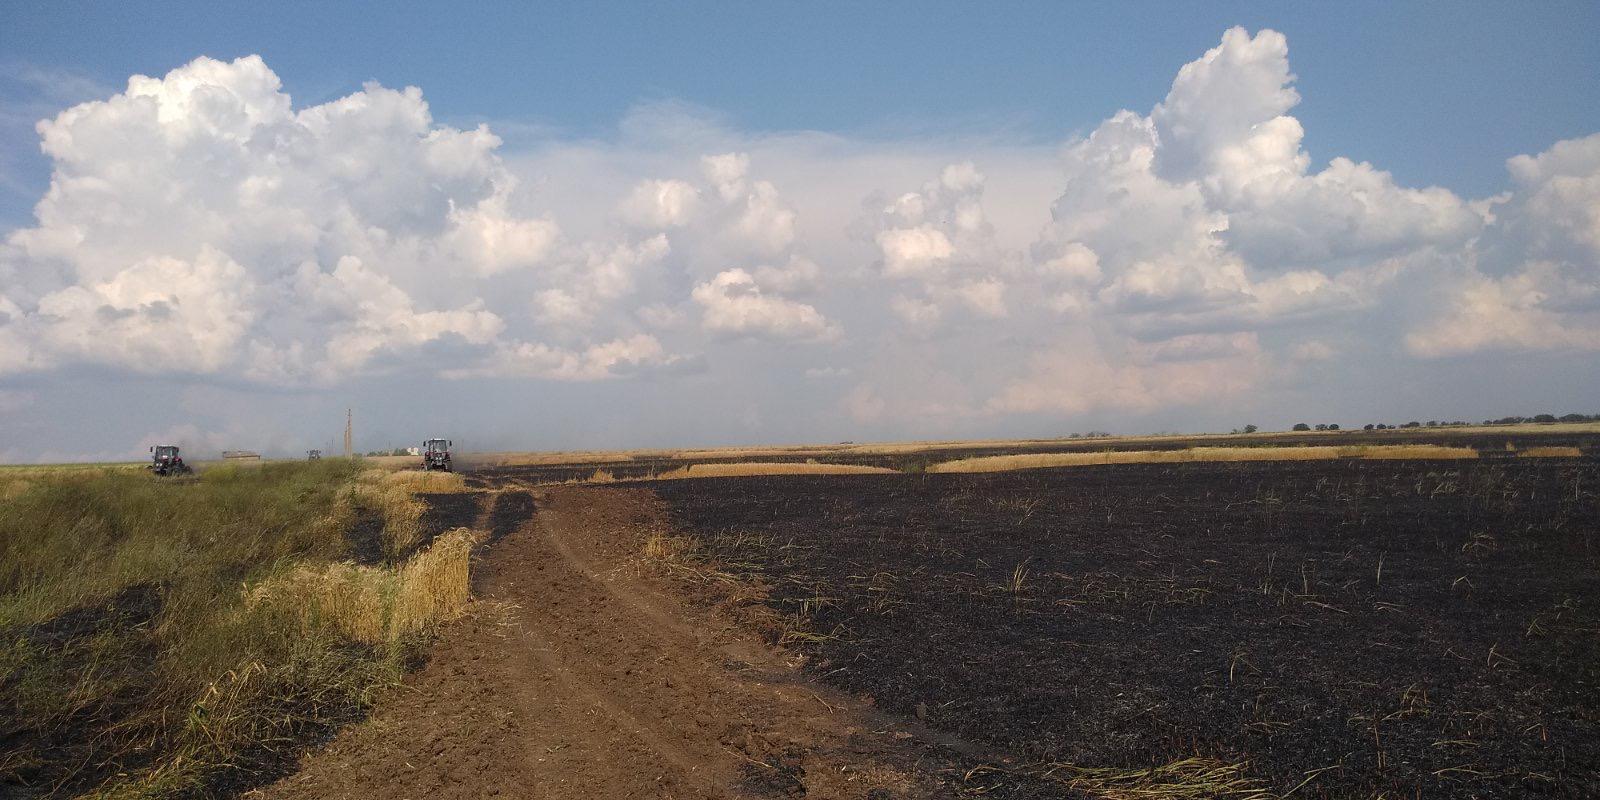 ВТараклийском районе произошел пожар. Огонь уничтожил 35га пшеницы